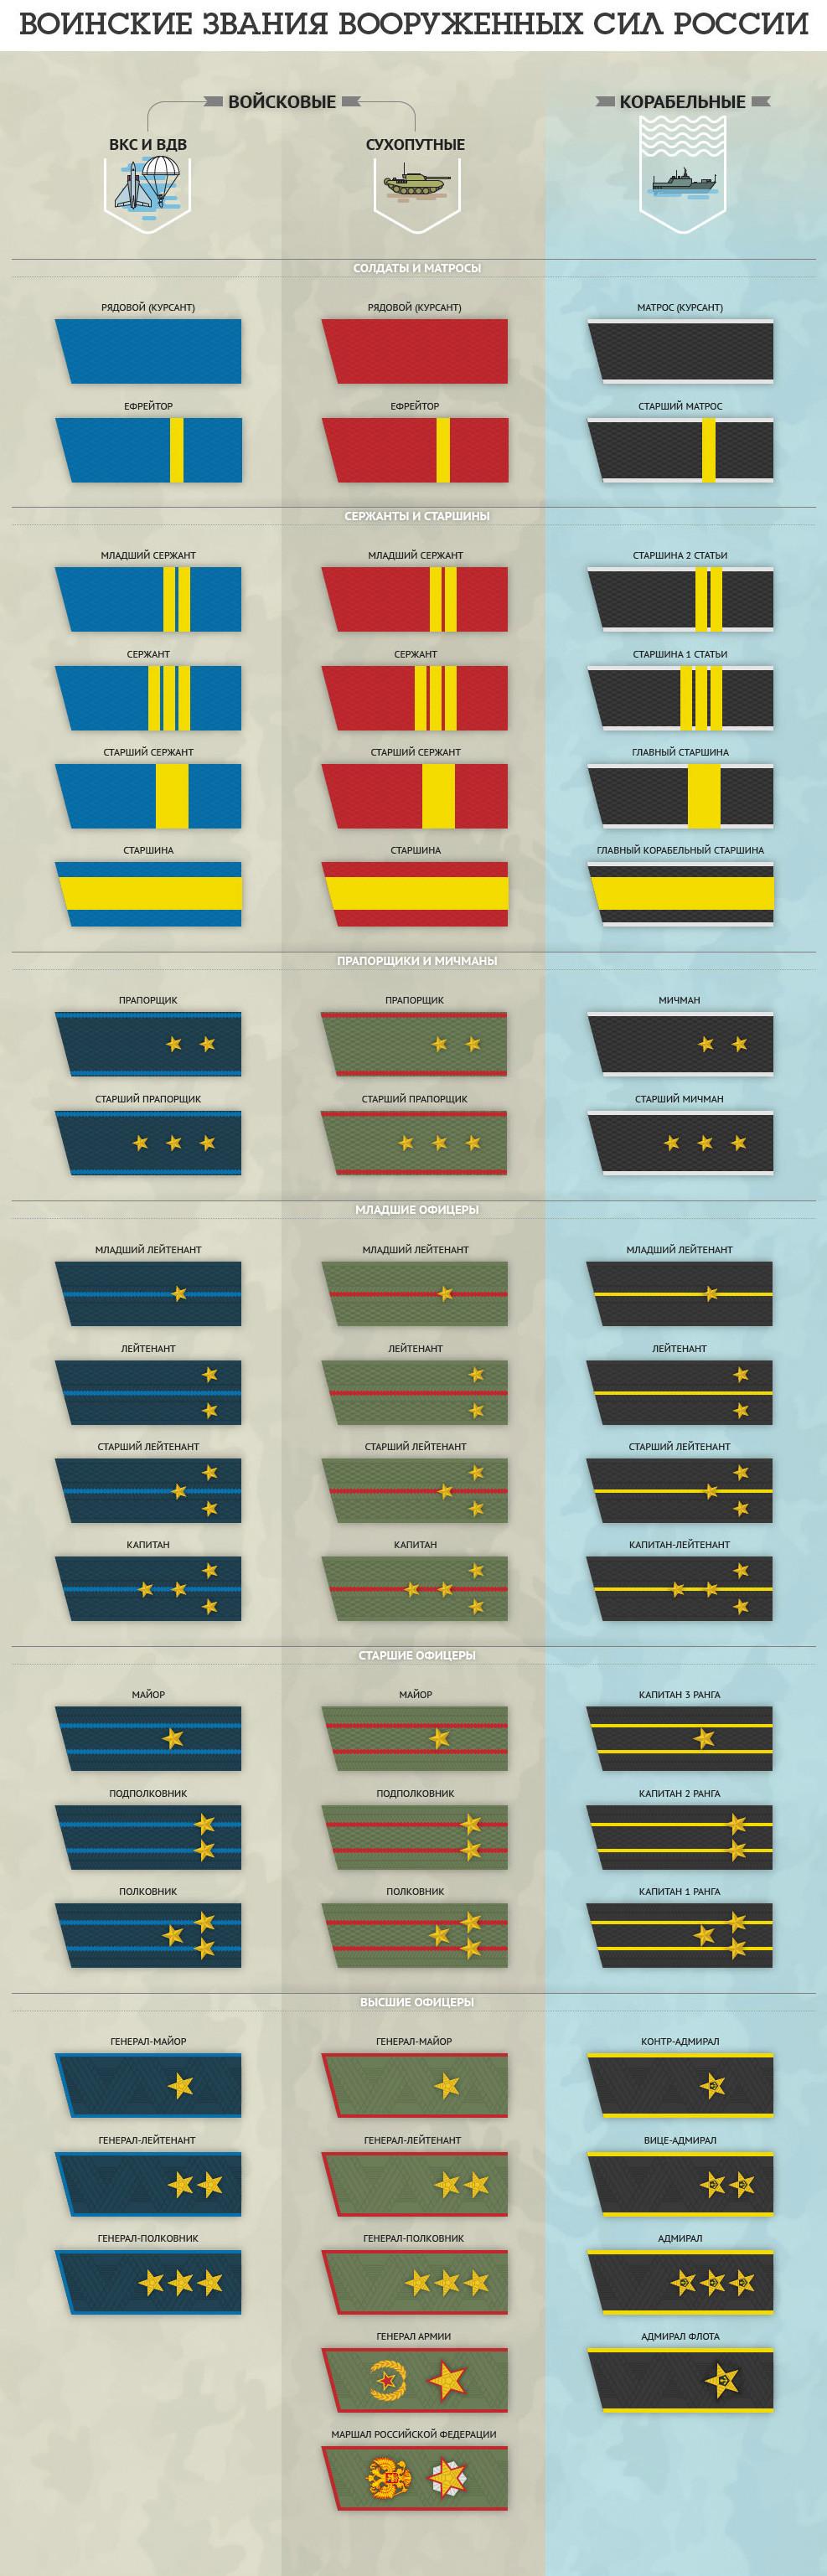 Подробно о воинских званиях армия россии, воинские звания, войсковые звания, инфографика, корабельные звания, погоны